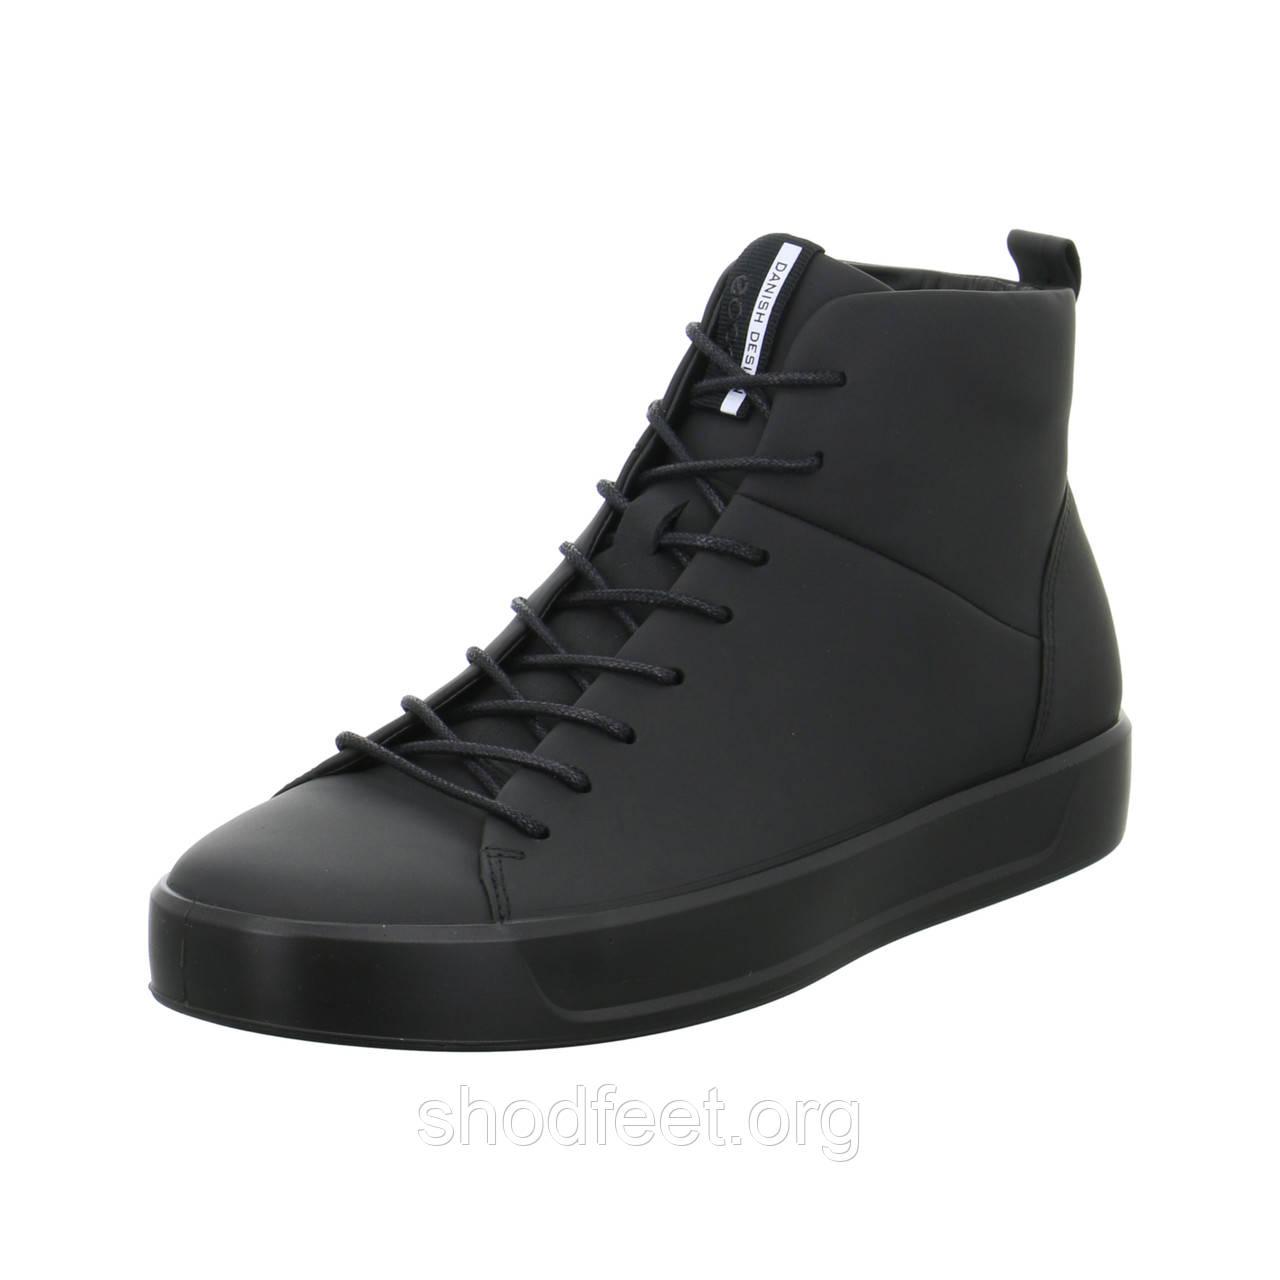 Мужские ботинки Ecco Soft 8 Mens 440554-1001